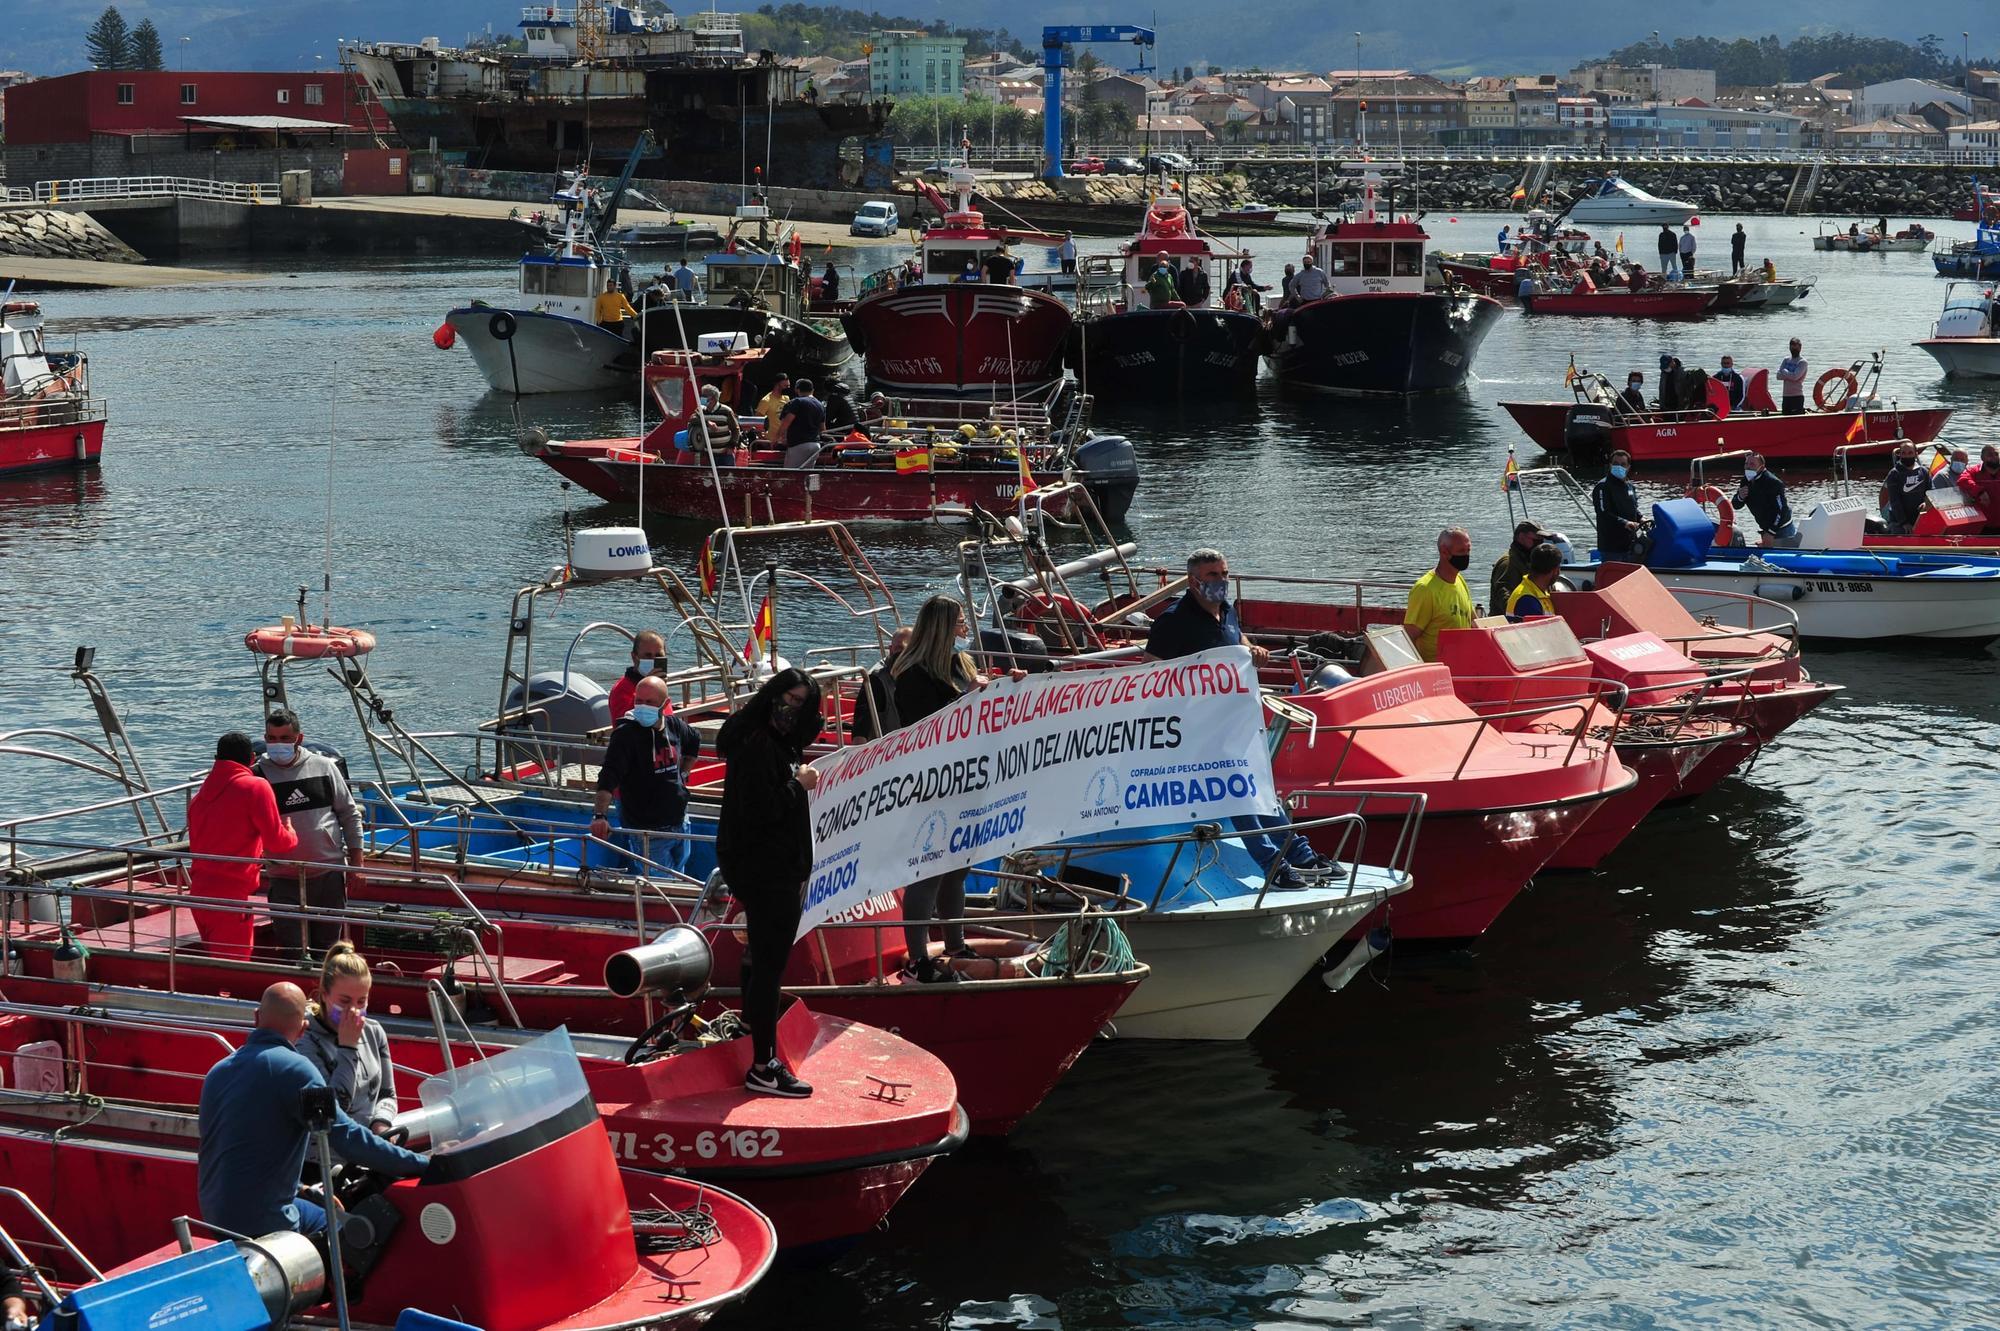 La protesta desarrollada por la flota de Cambados contra el reglamento de la UE, ayer.    Iñaki Abella (3)-min.jpg